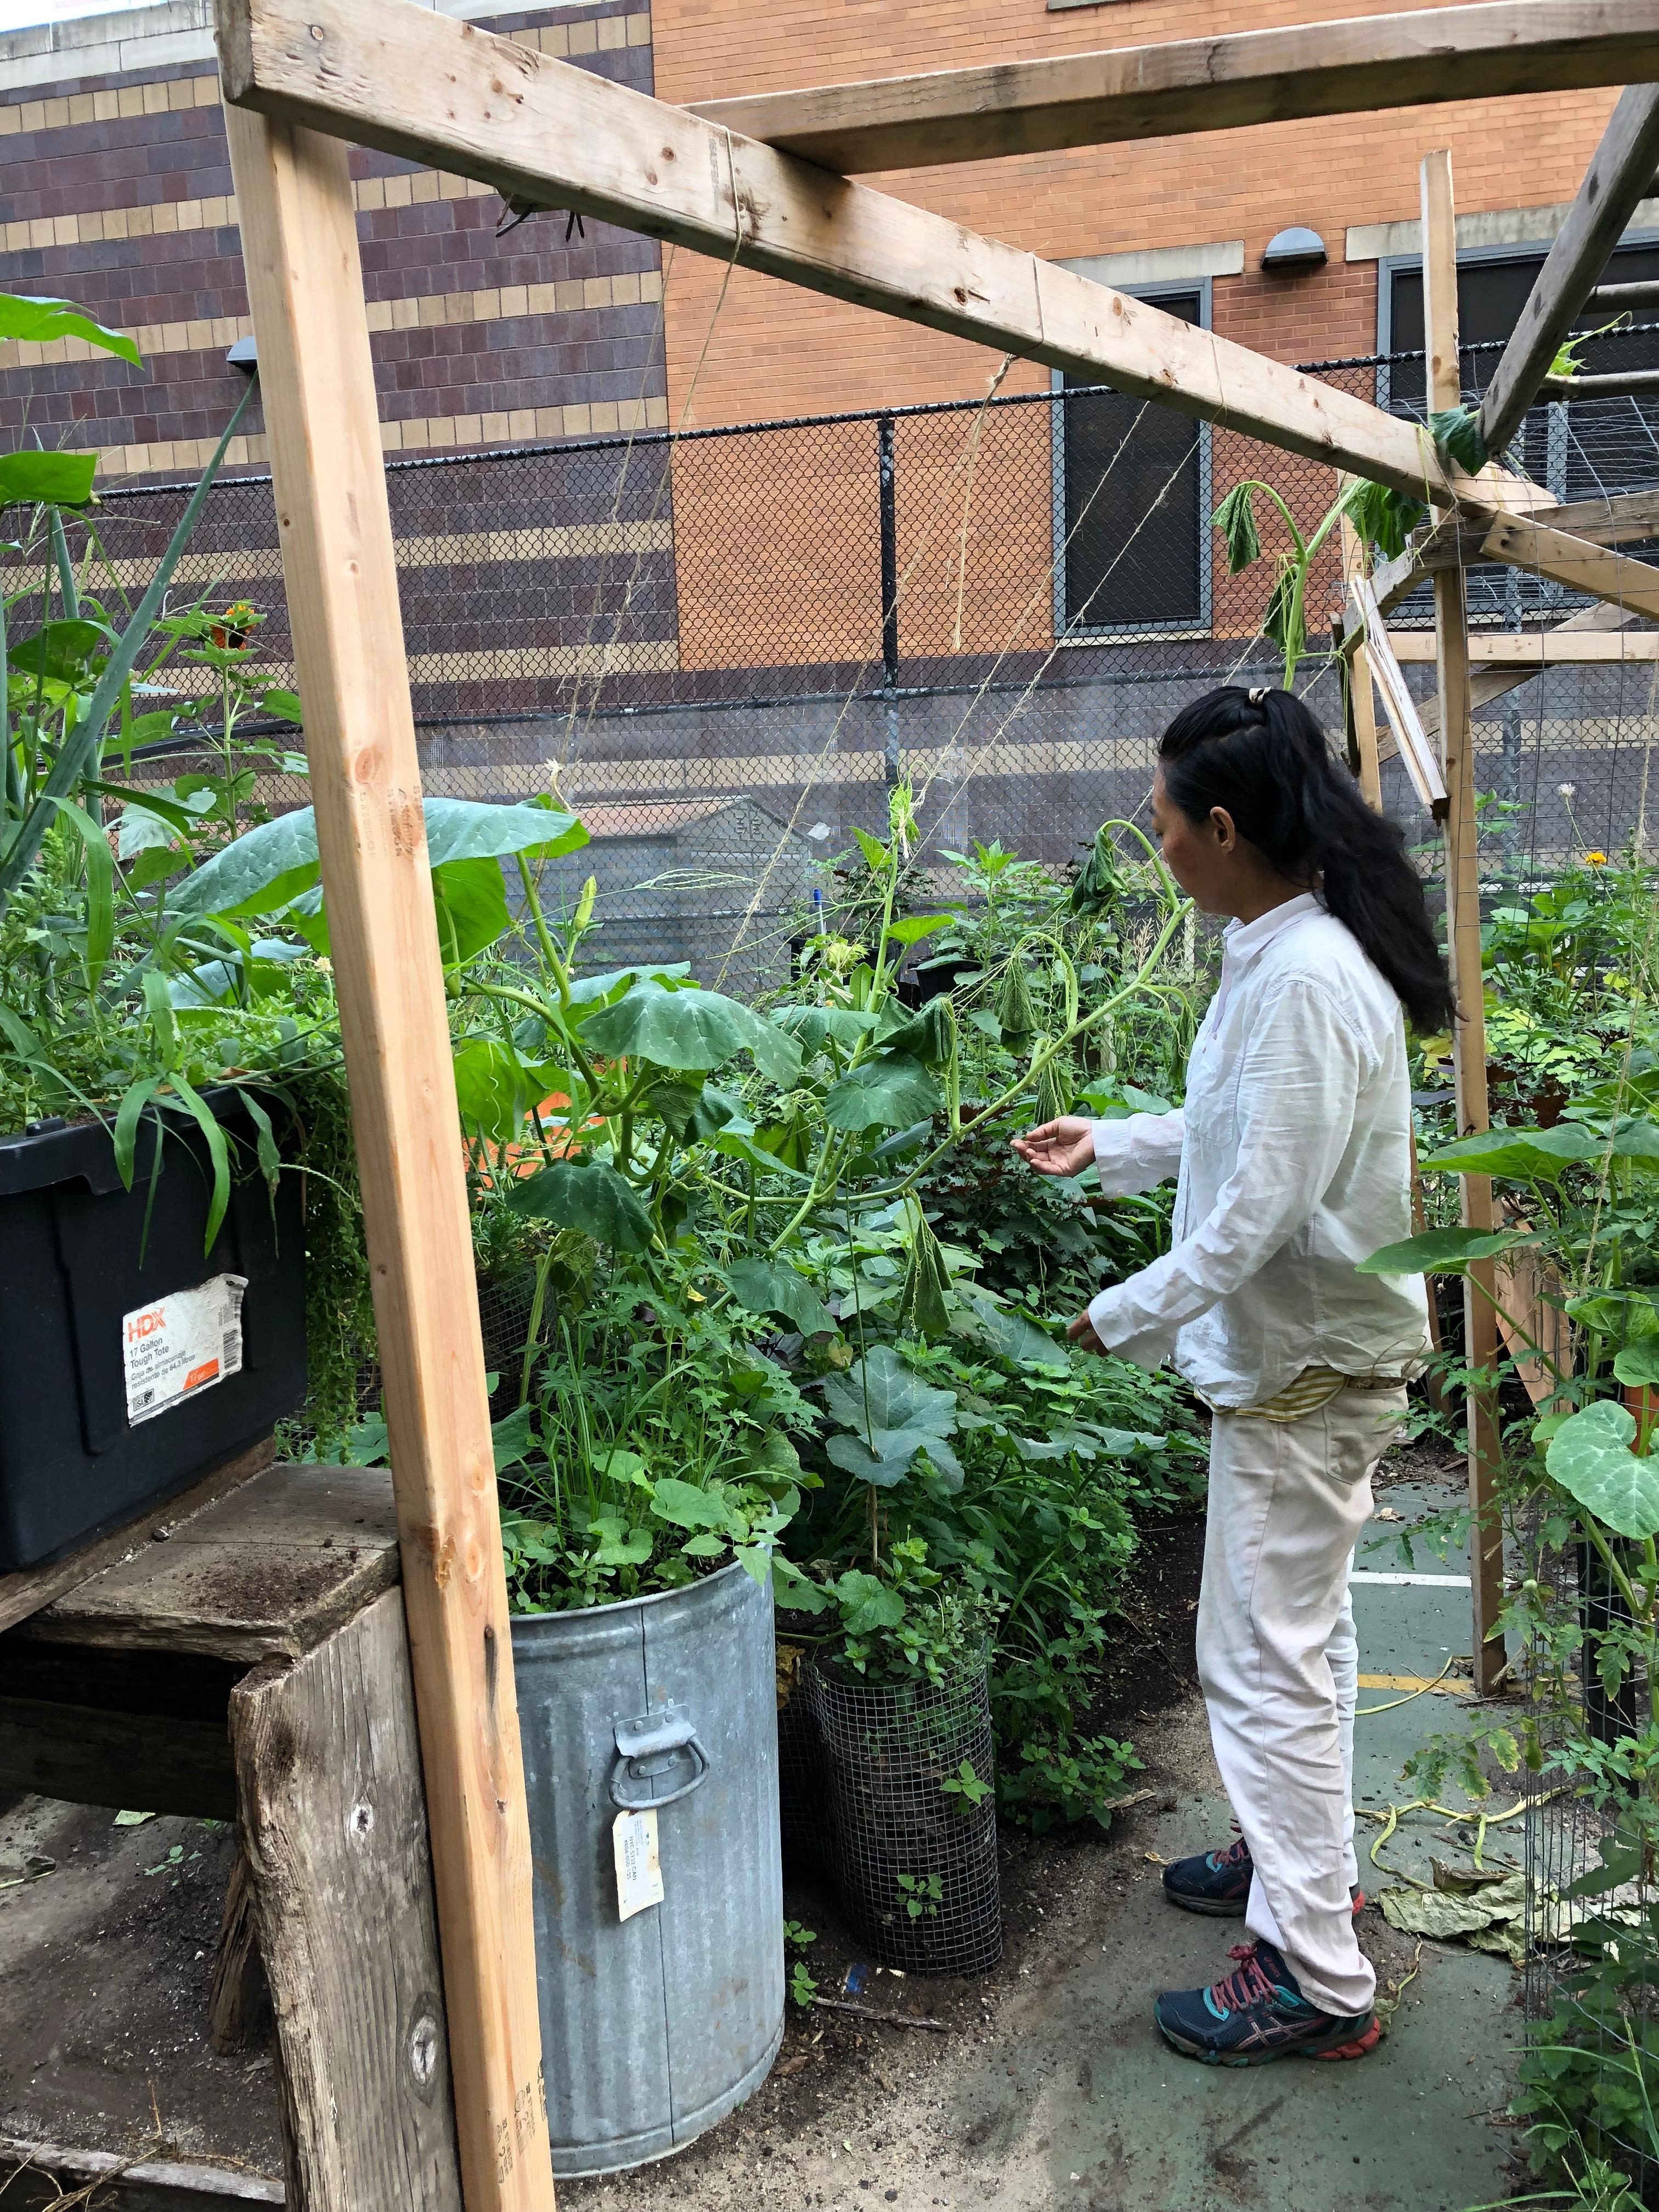 072719-Jae-in-organic-garden